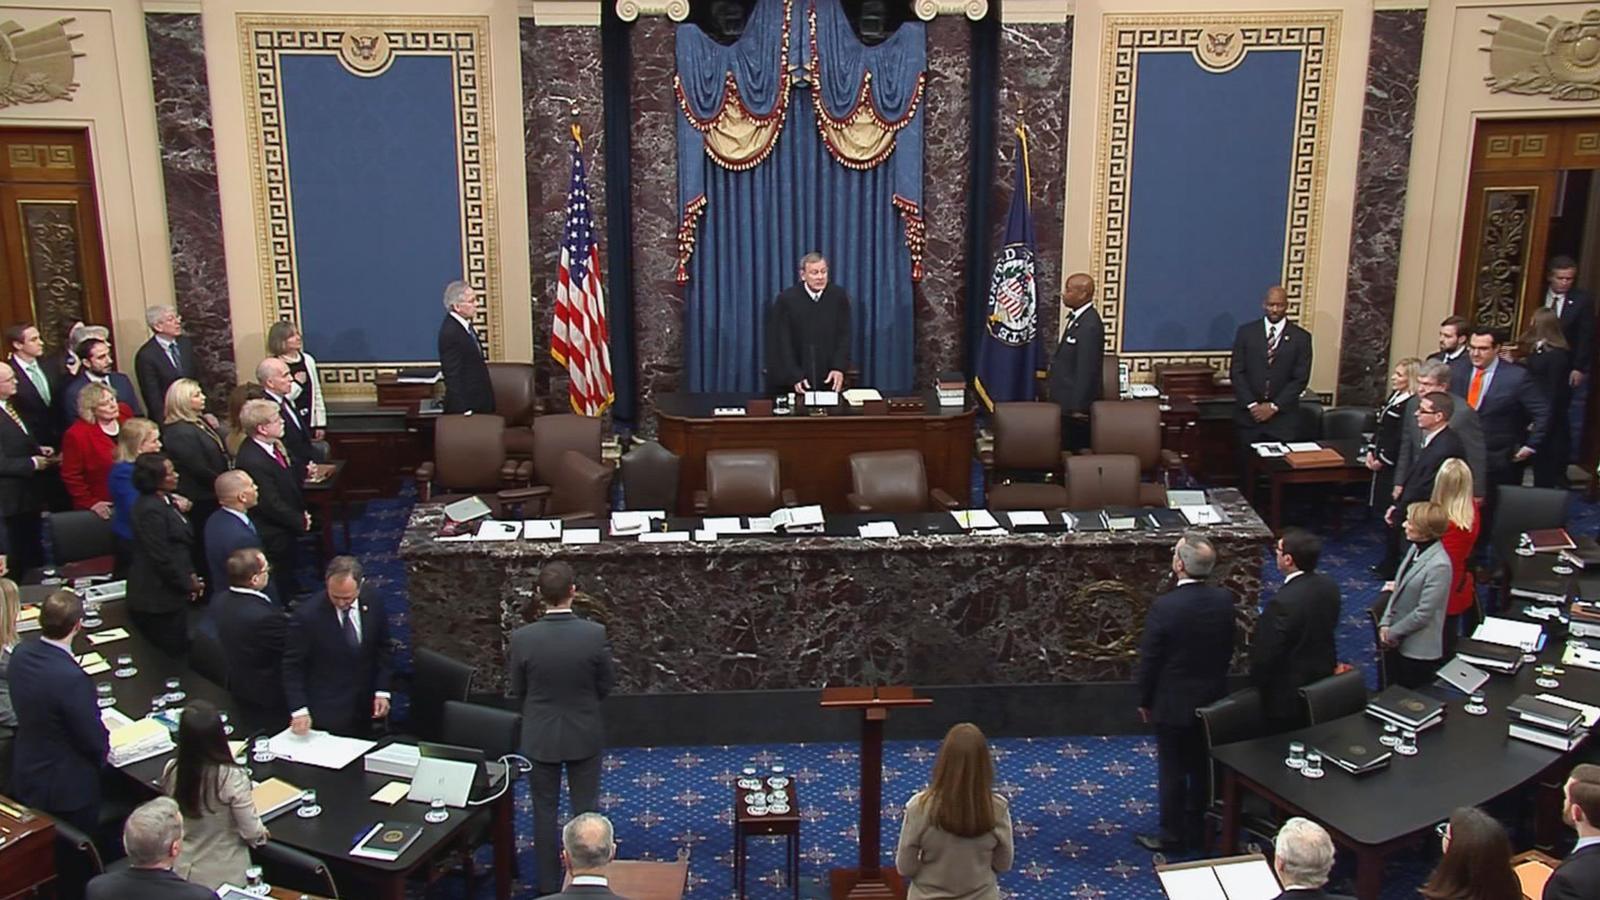 Sessió del 'impeachment' a Donald Trump presidida pel cap del Tribunal Suprem, John Roberts, al Senat.